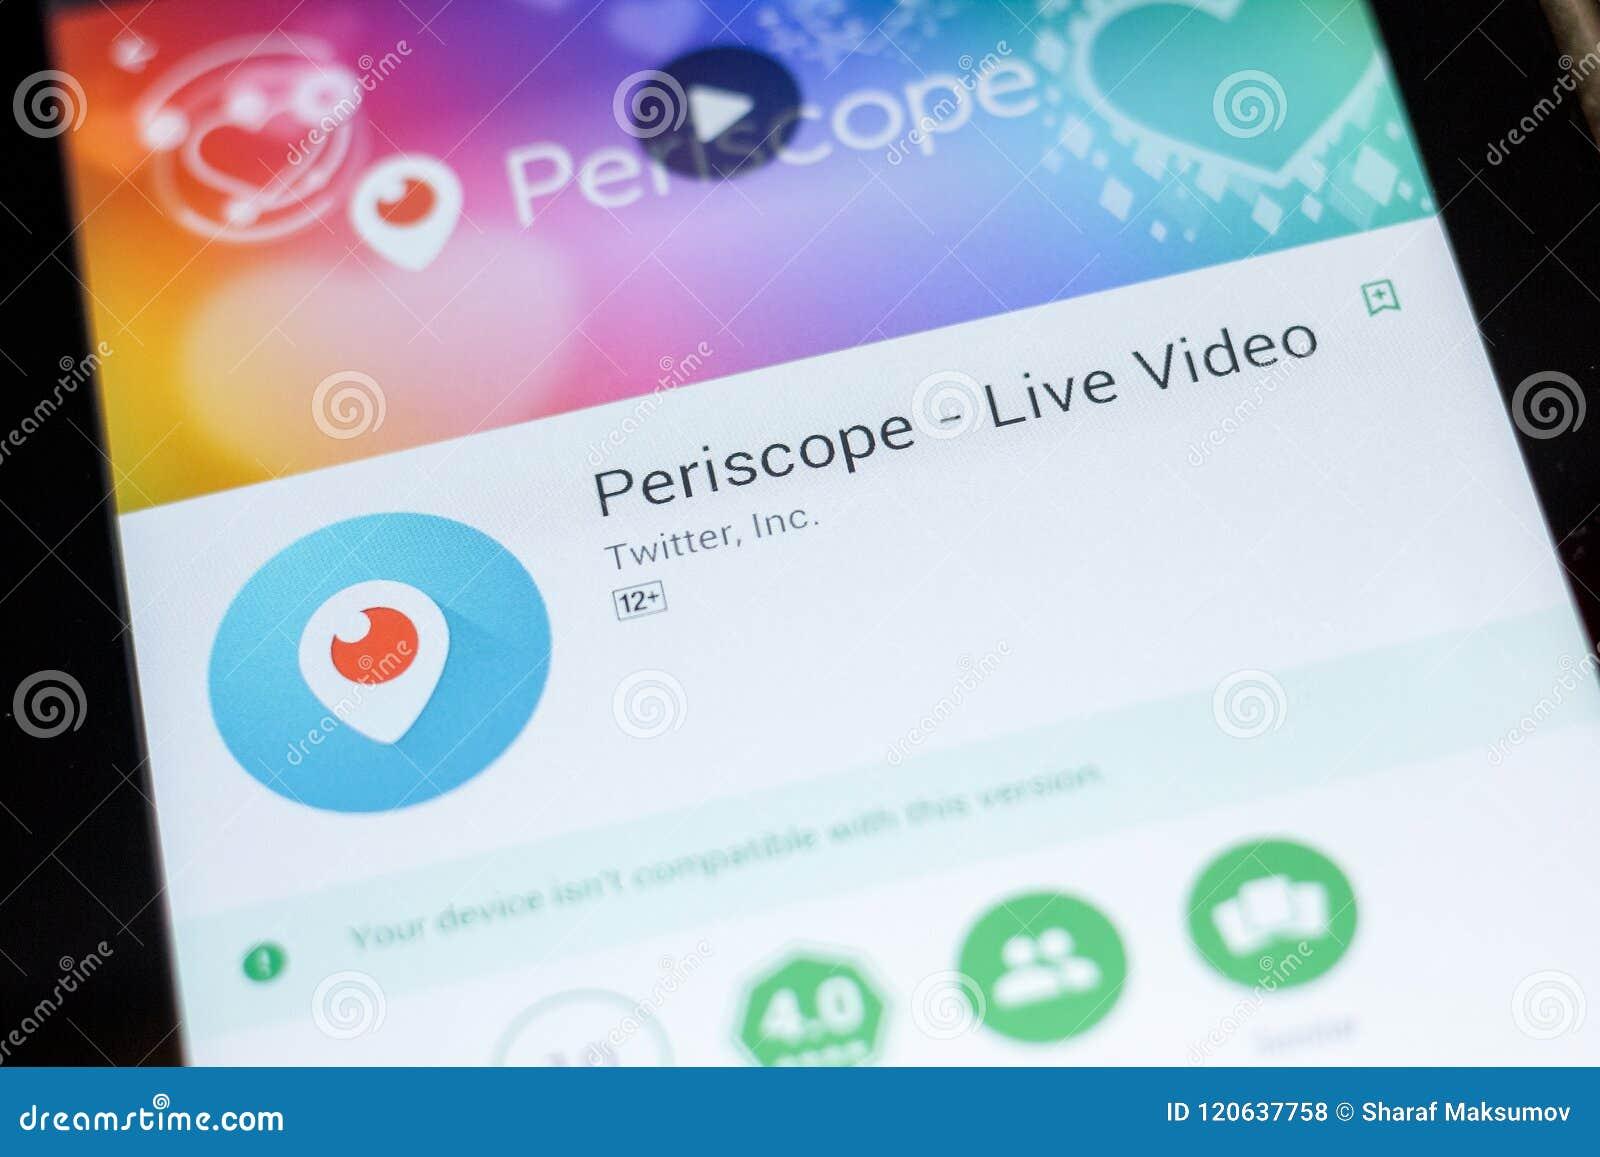 periscope app on pc